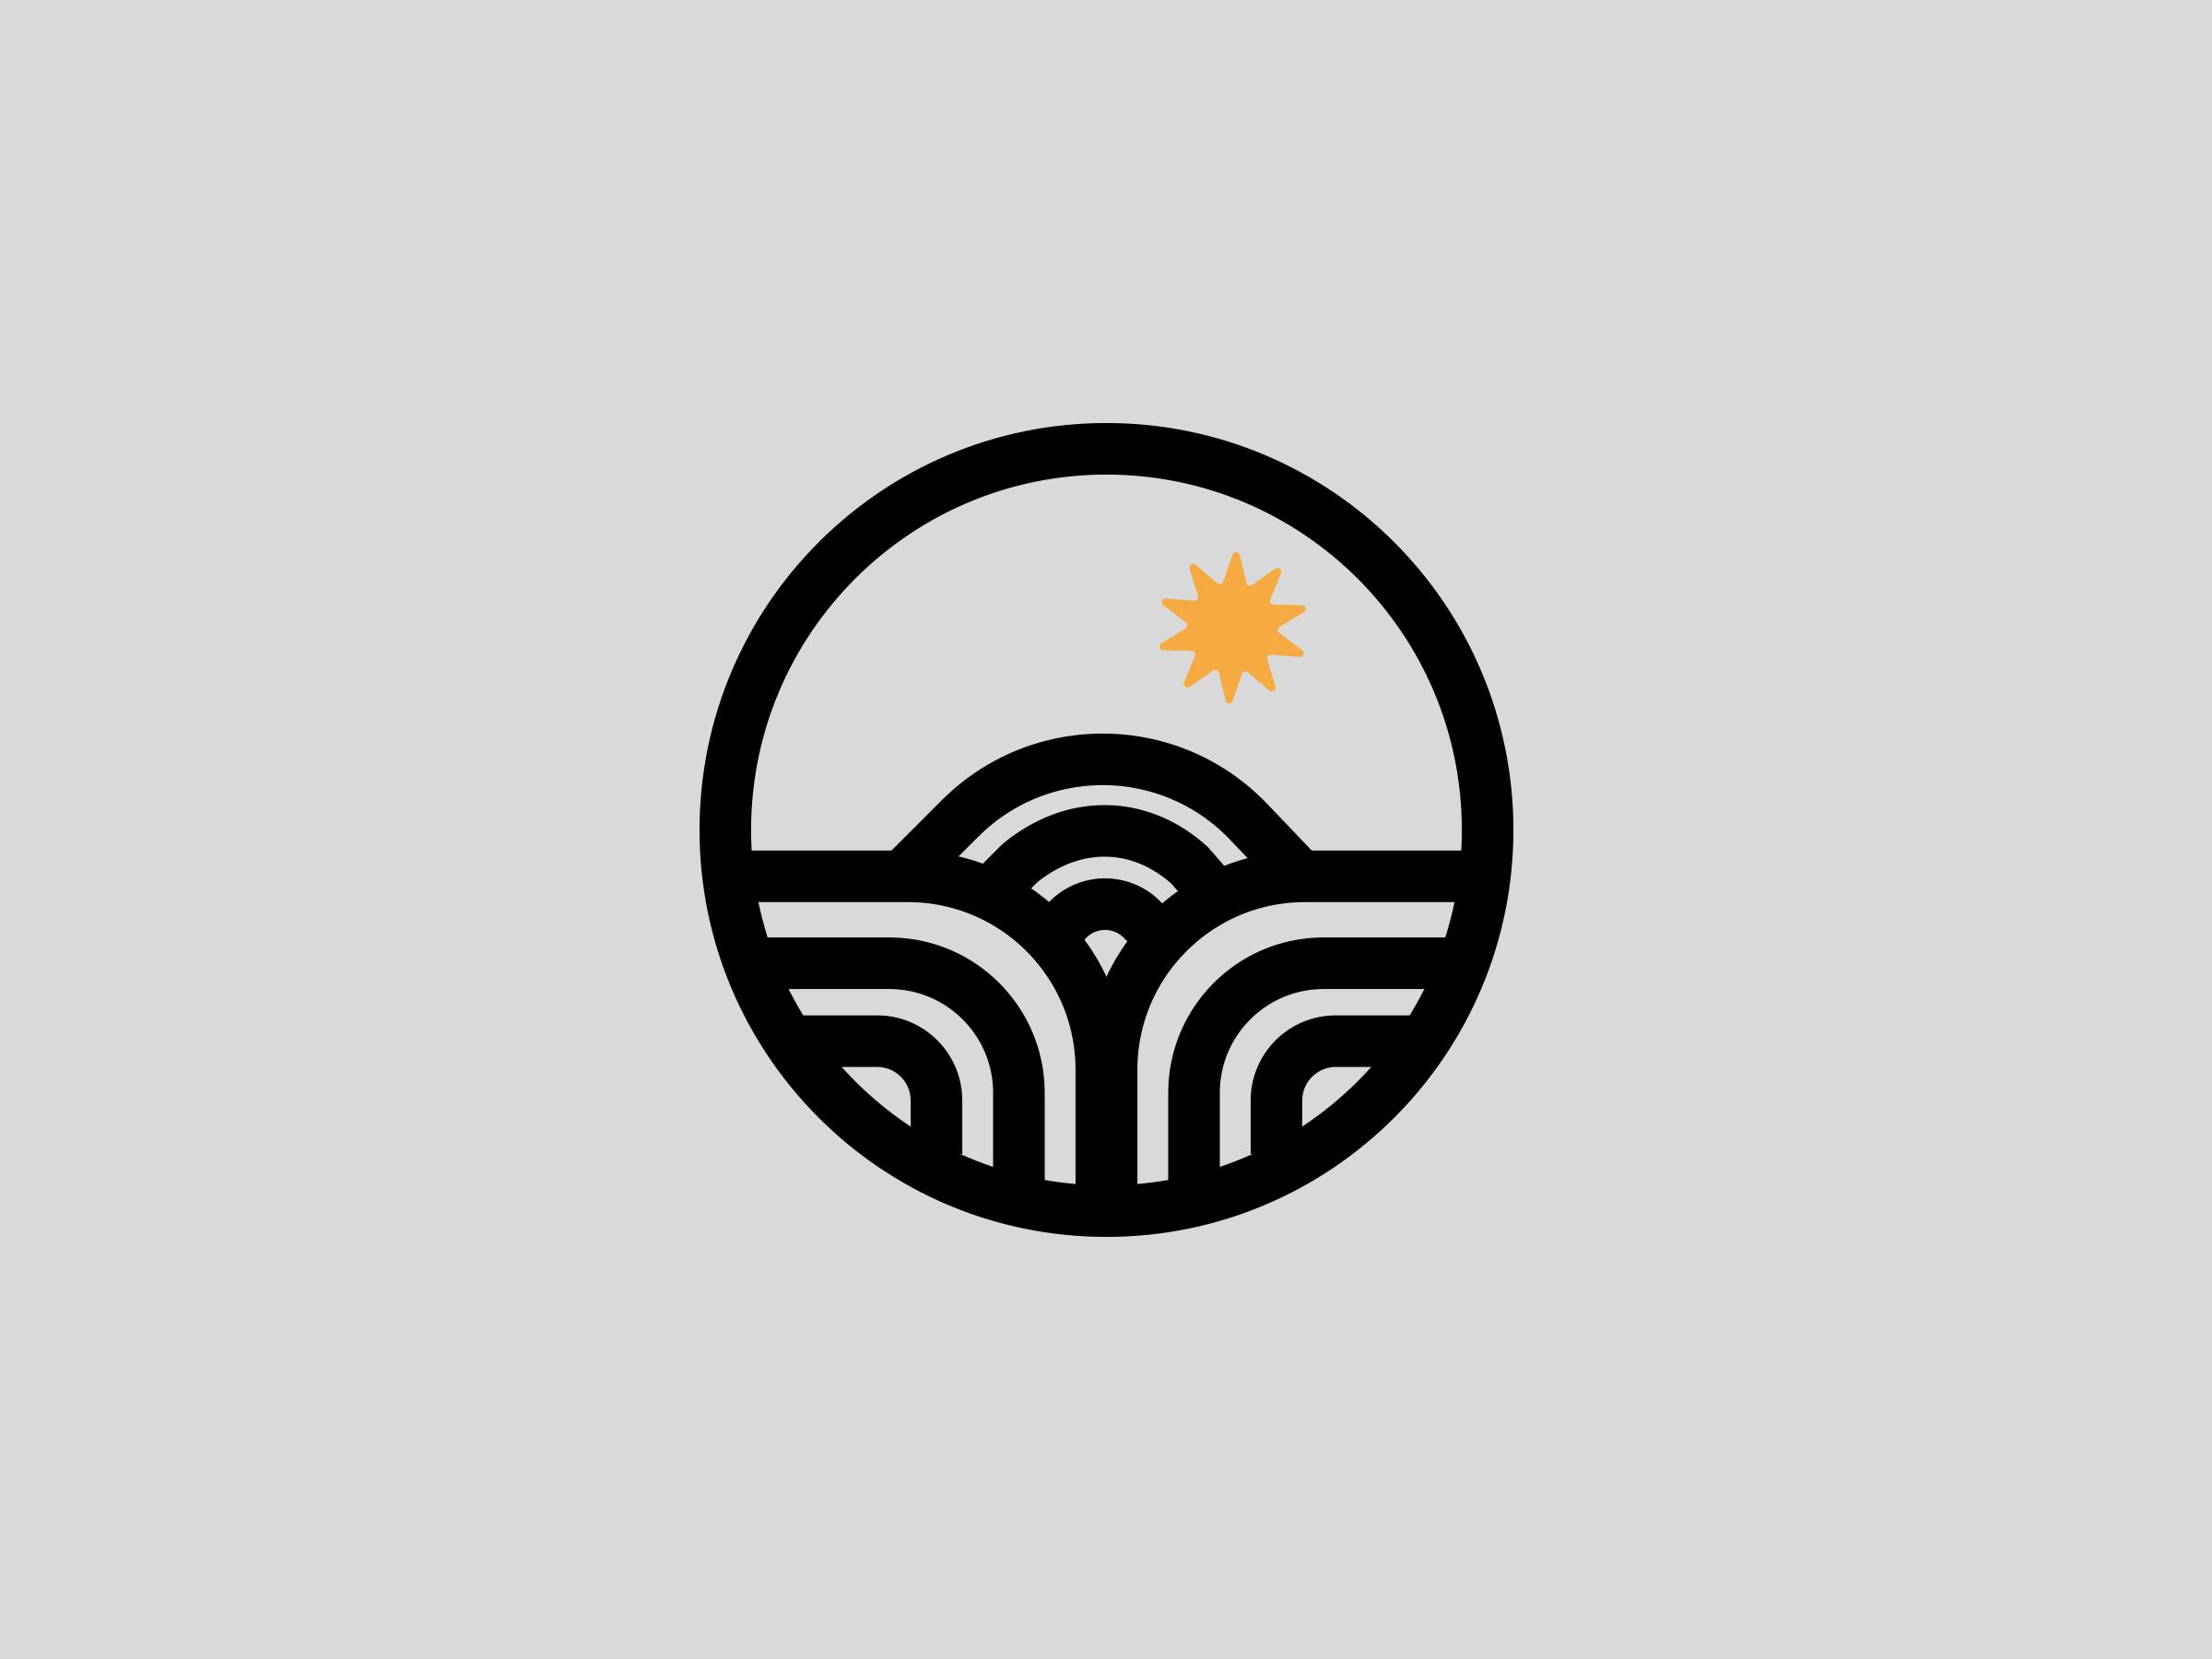 fluf logos 3.jpg